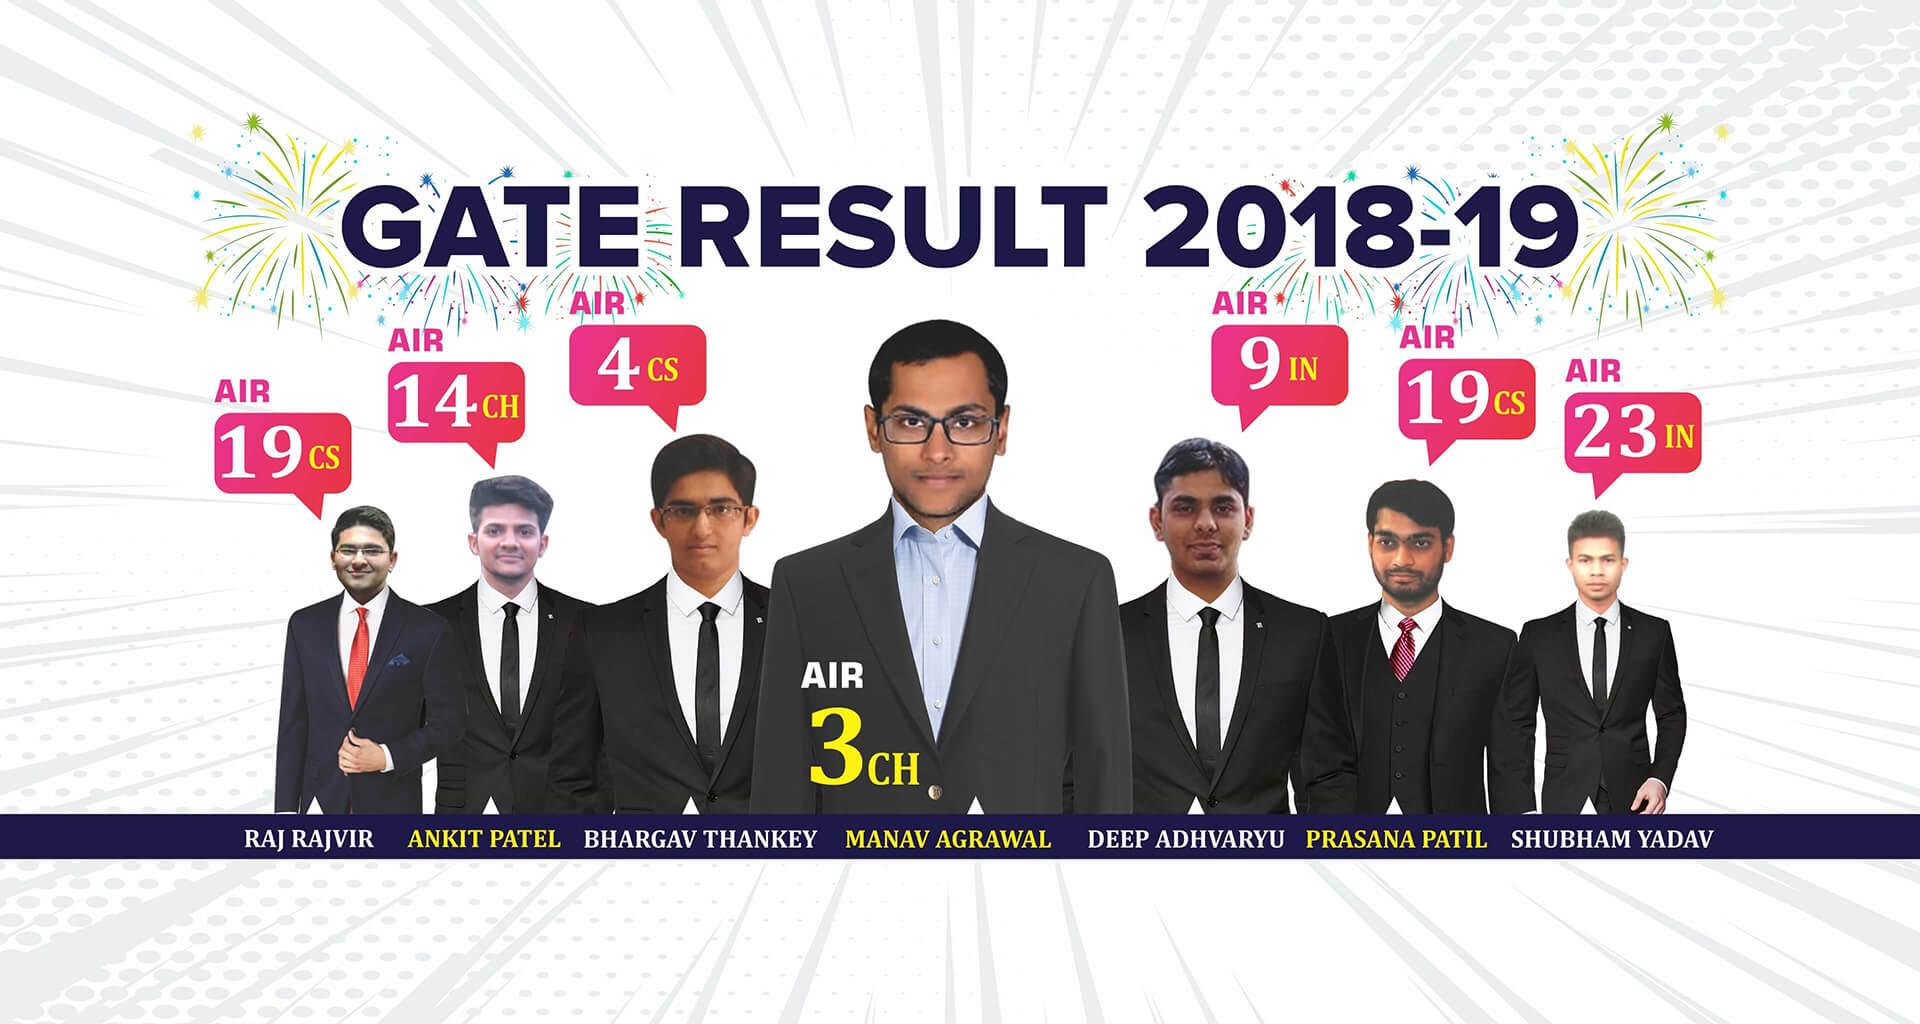 ICE GATE Institute Result 2018-2019